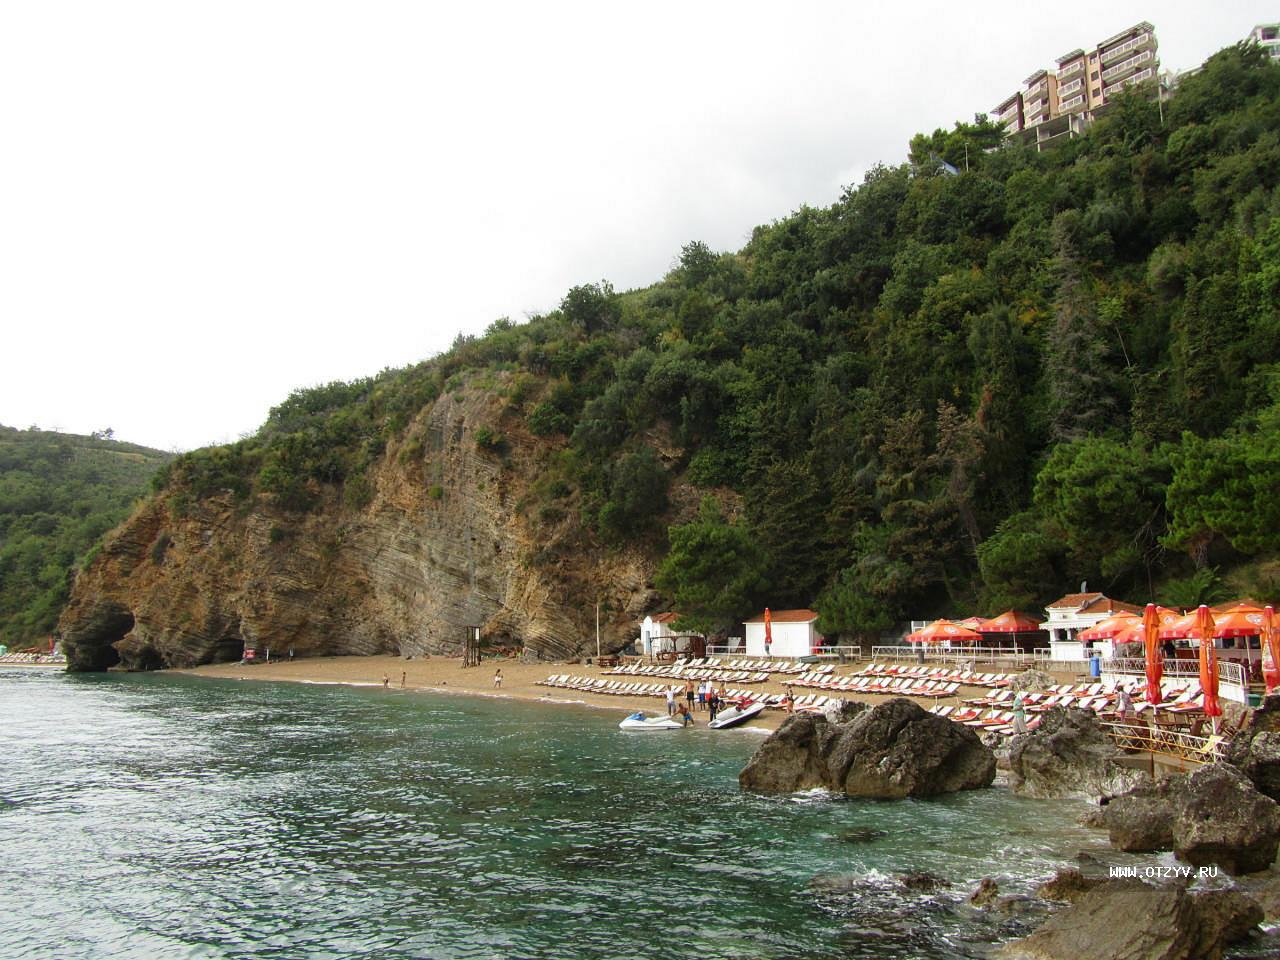 Посмотрели пляж фото 9 фотография